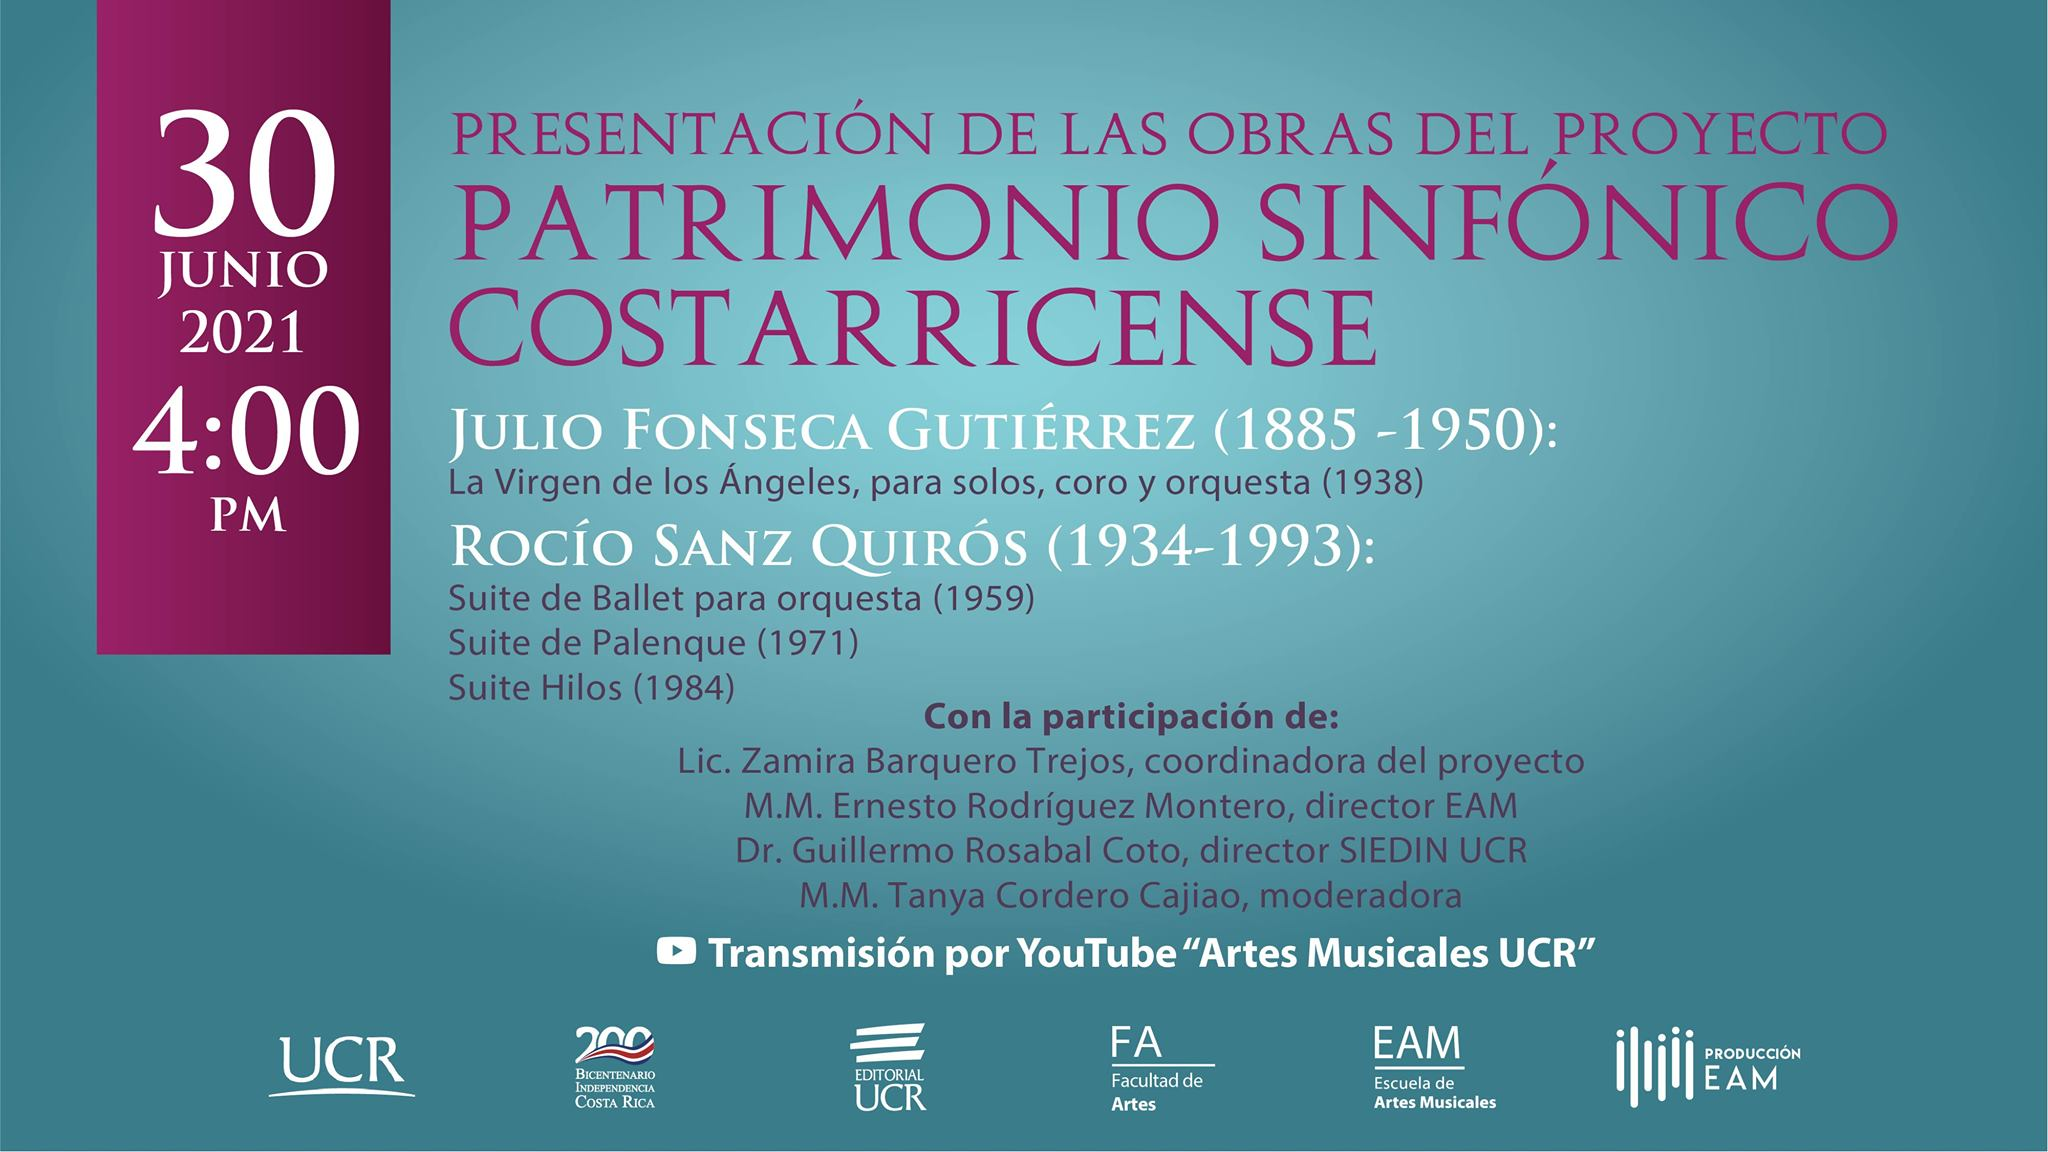 Presentación de las obras del proyecto  Patrimonio Sinfónico Costarricense